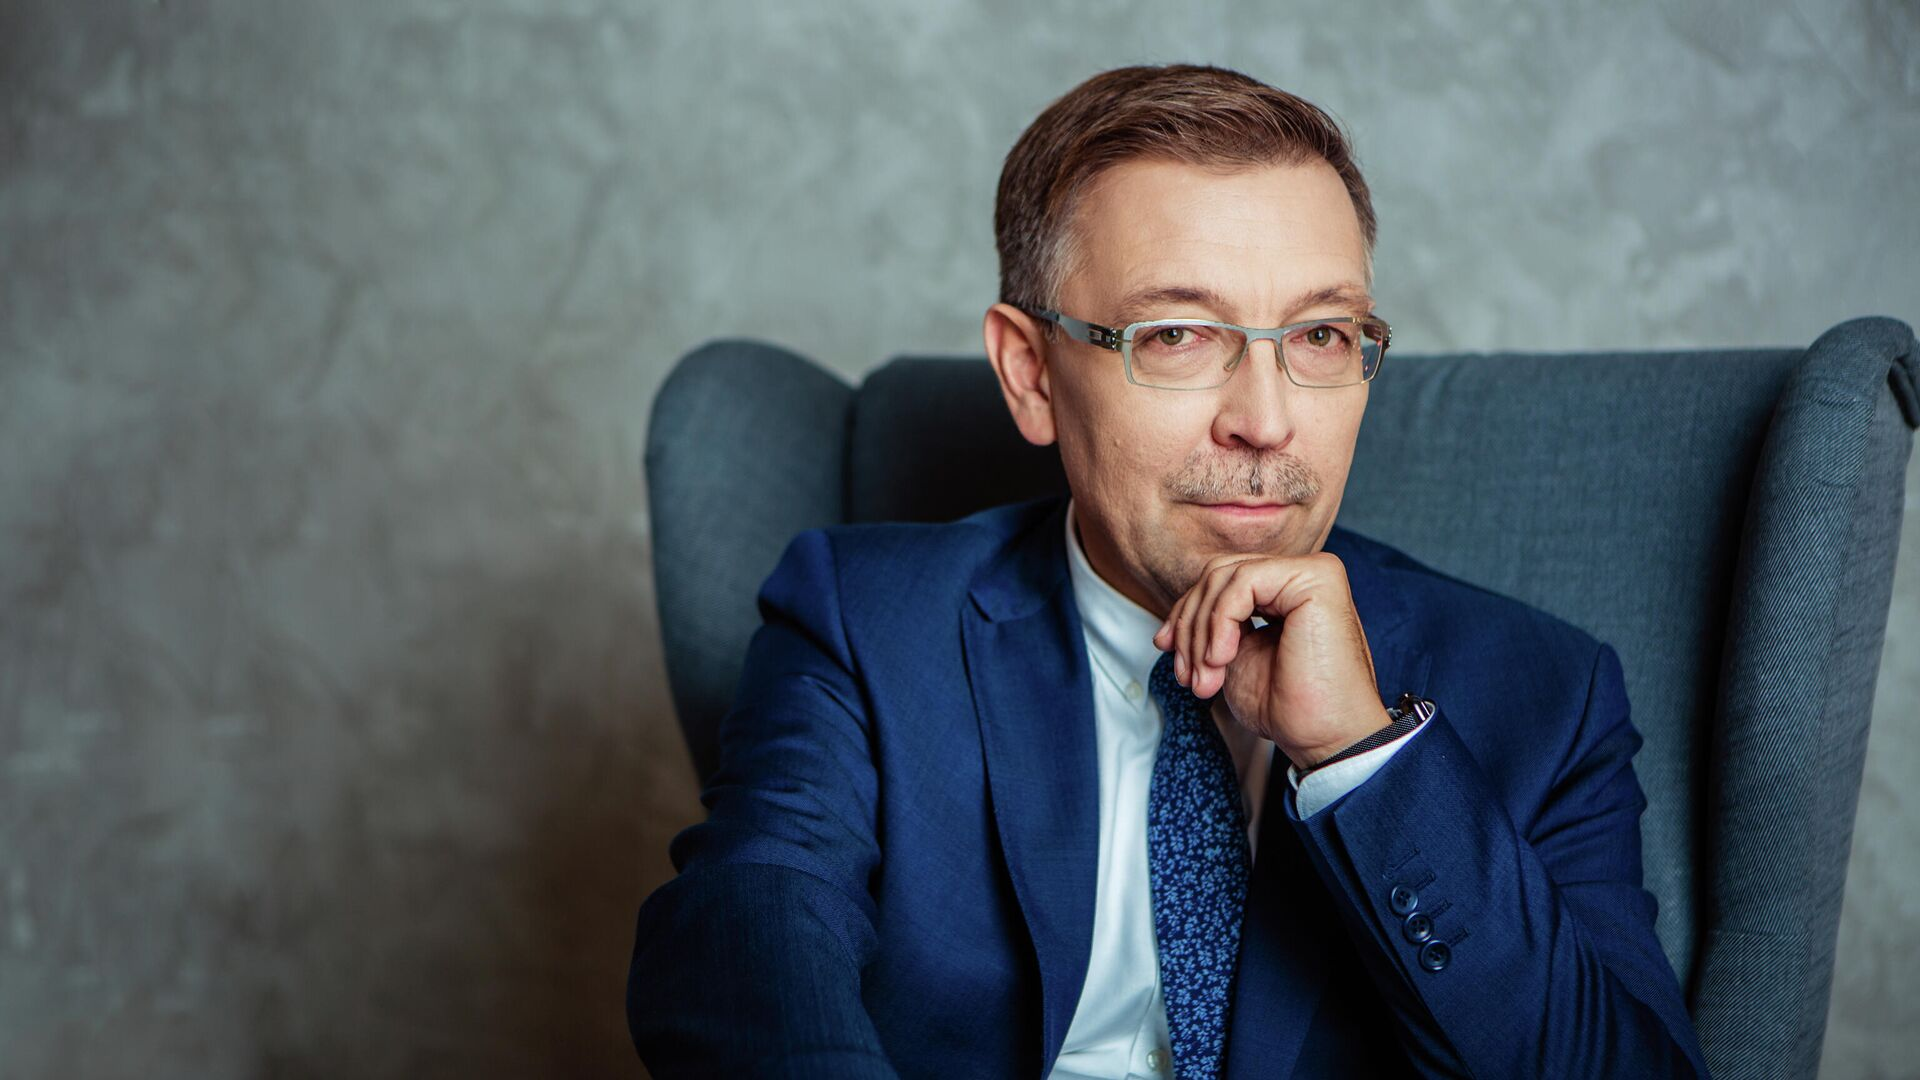 Михаил Самсонов: в отдаленных регионах будет доступен опыт лучших врачей